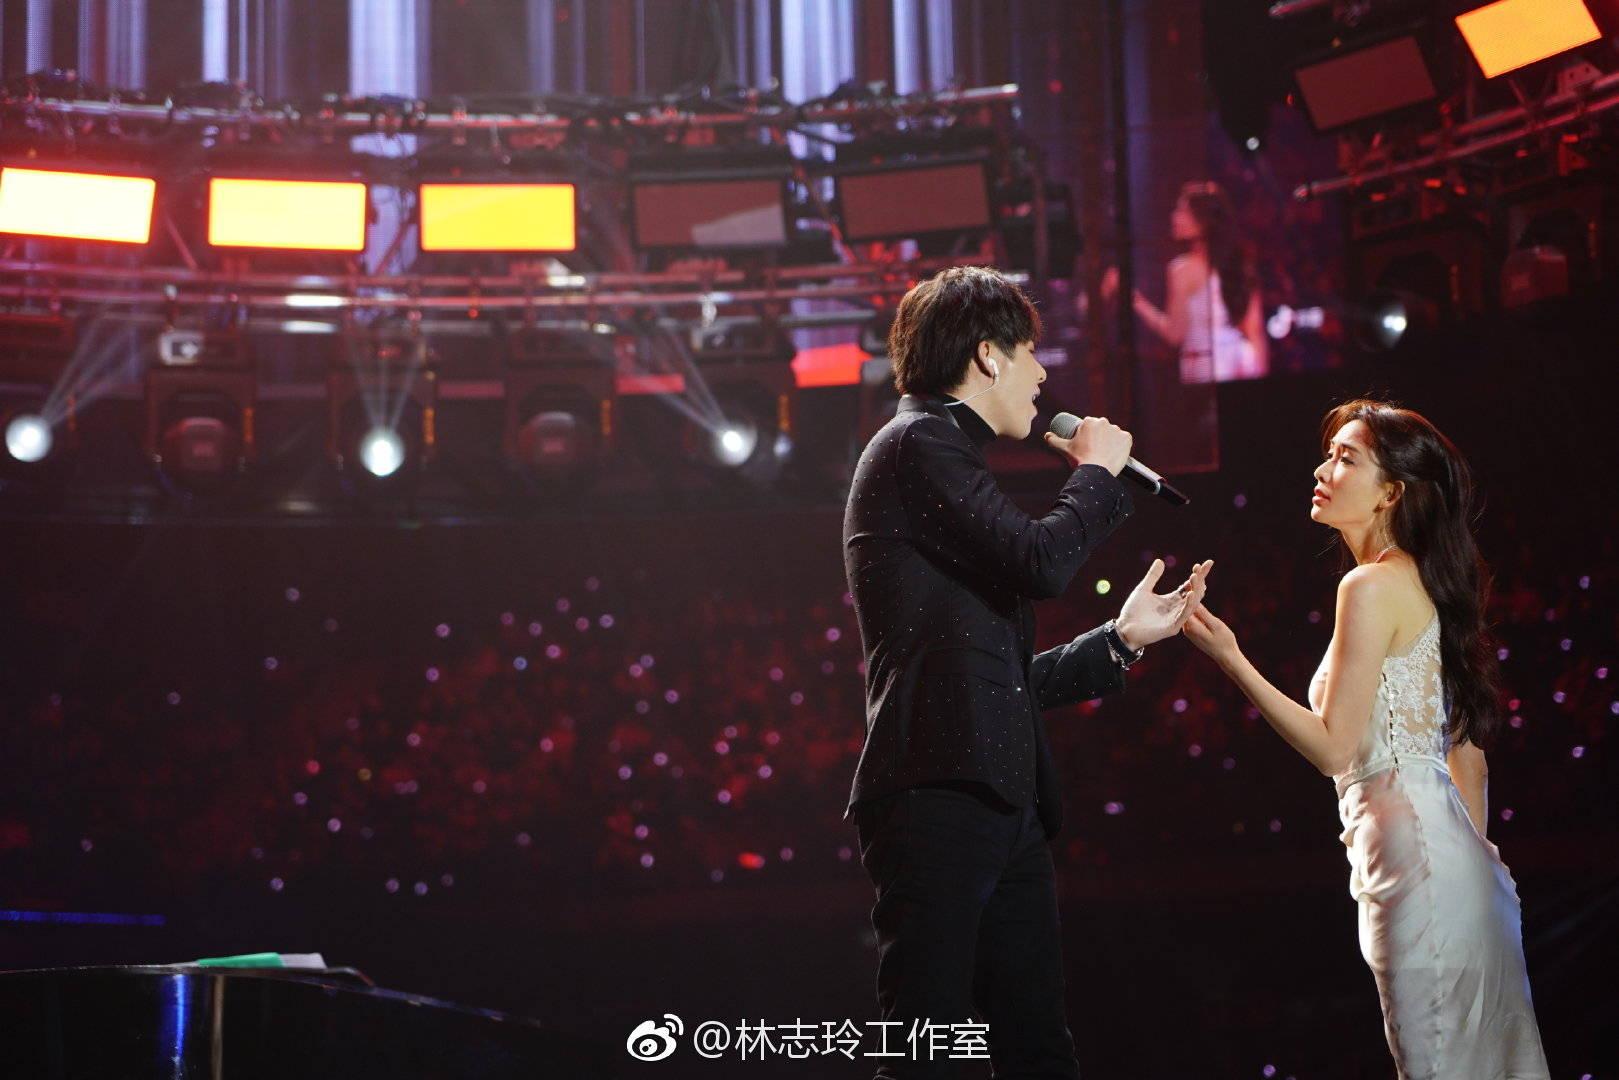 这是什么神仙合作!林志玲与刘宇宁合照流出图片